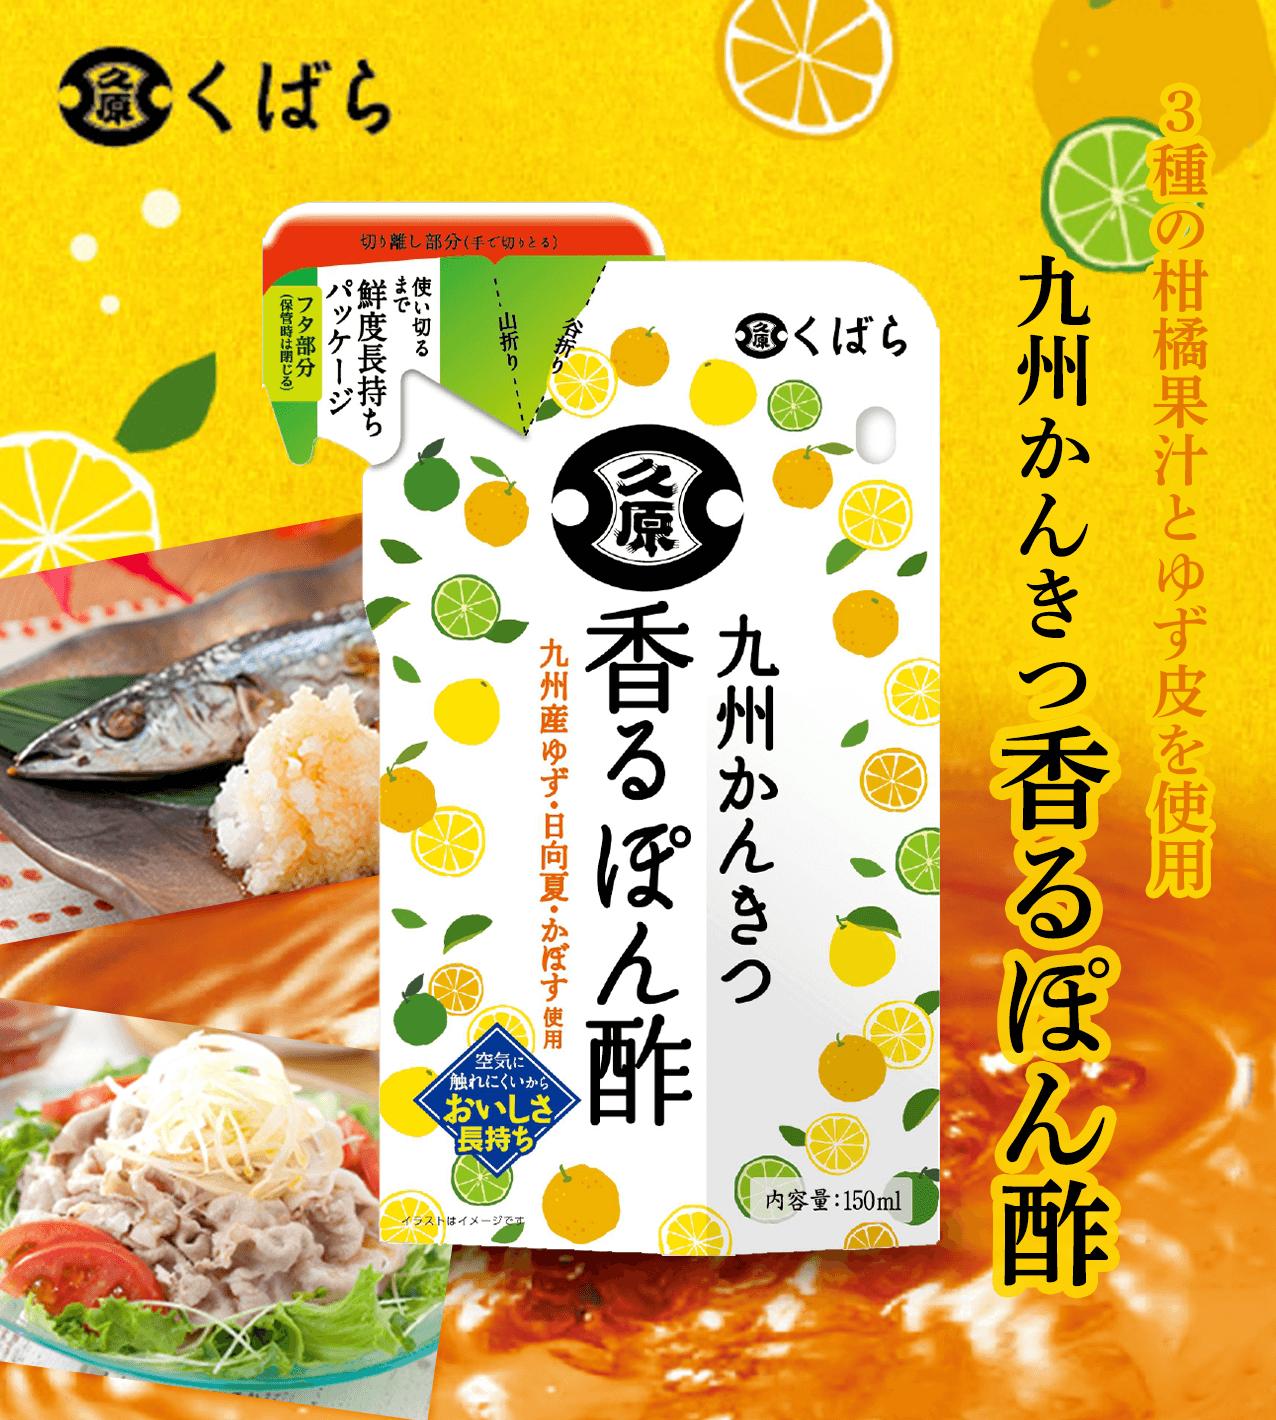 くばら 3種の柑橘果汁とゆず皮を使用 九州かんきつ香るぽん酢